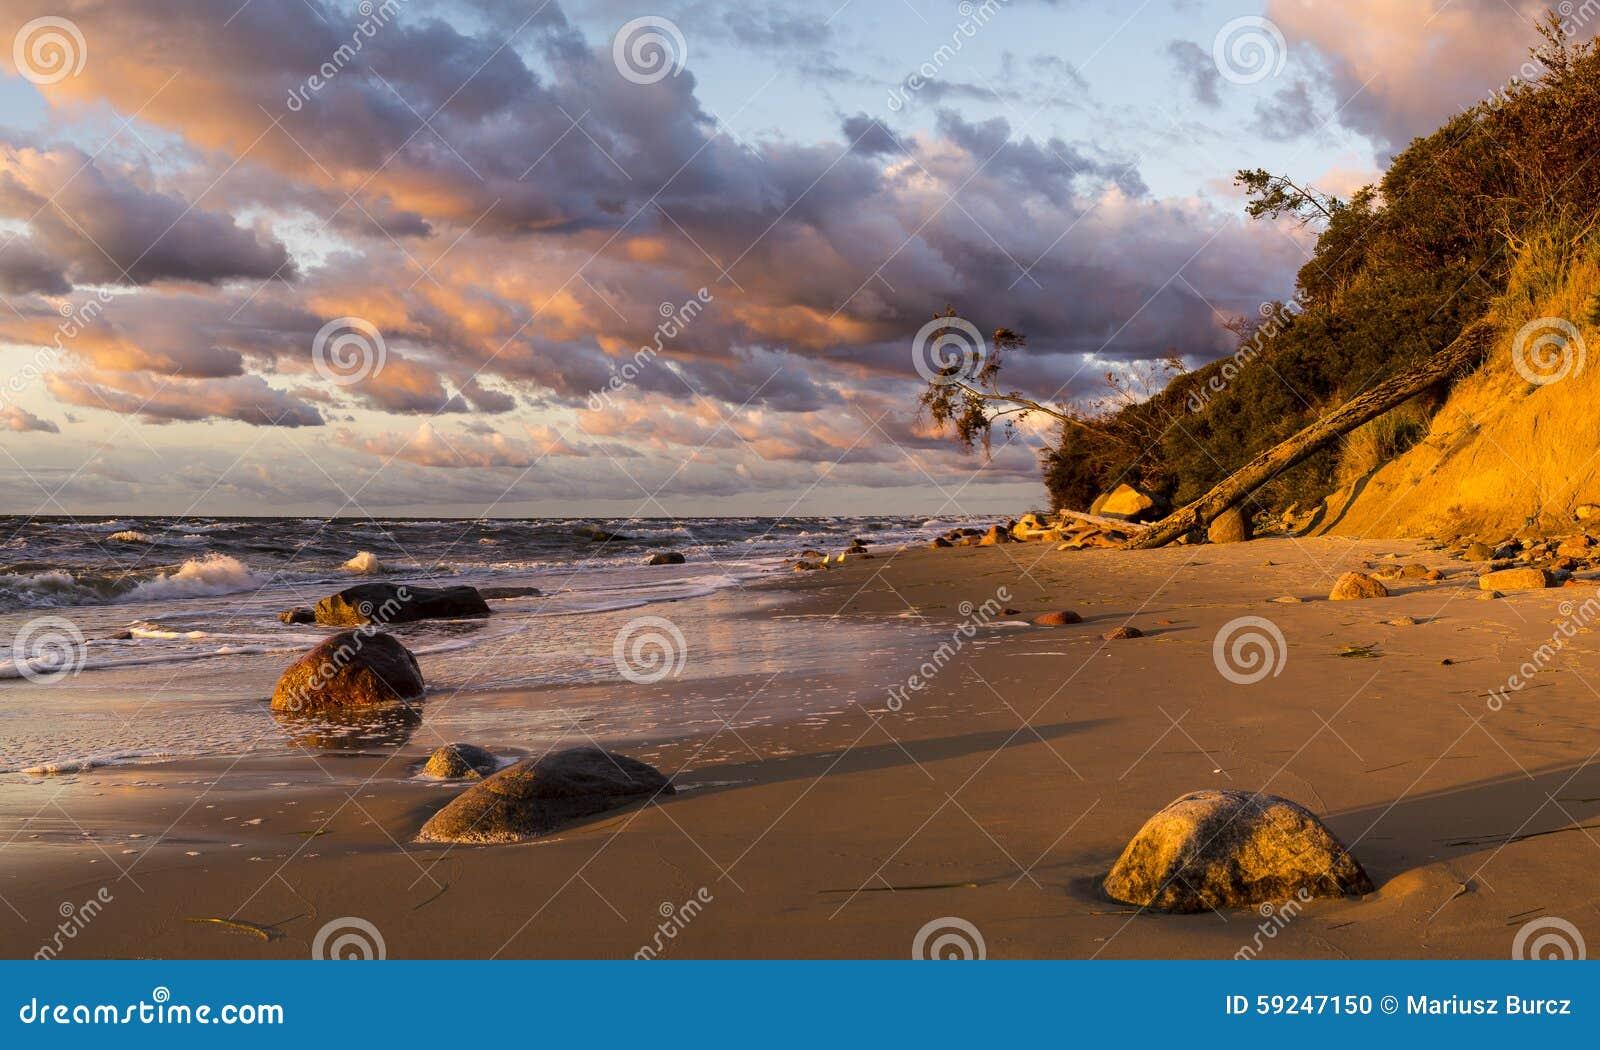 Playa y acantilado en el parque nacional de Wolin teniendo en cuenta la puesta del sol maravillosa